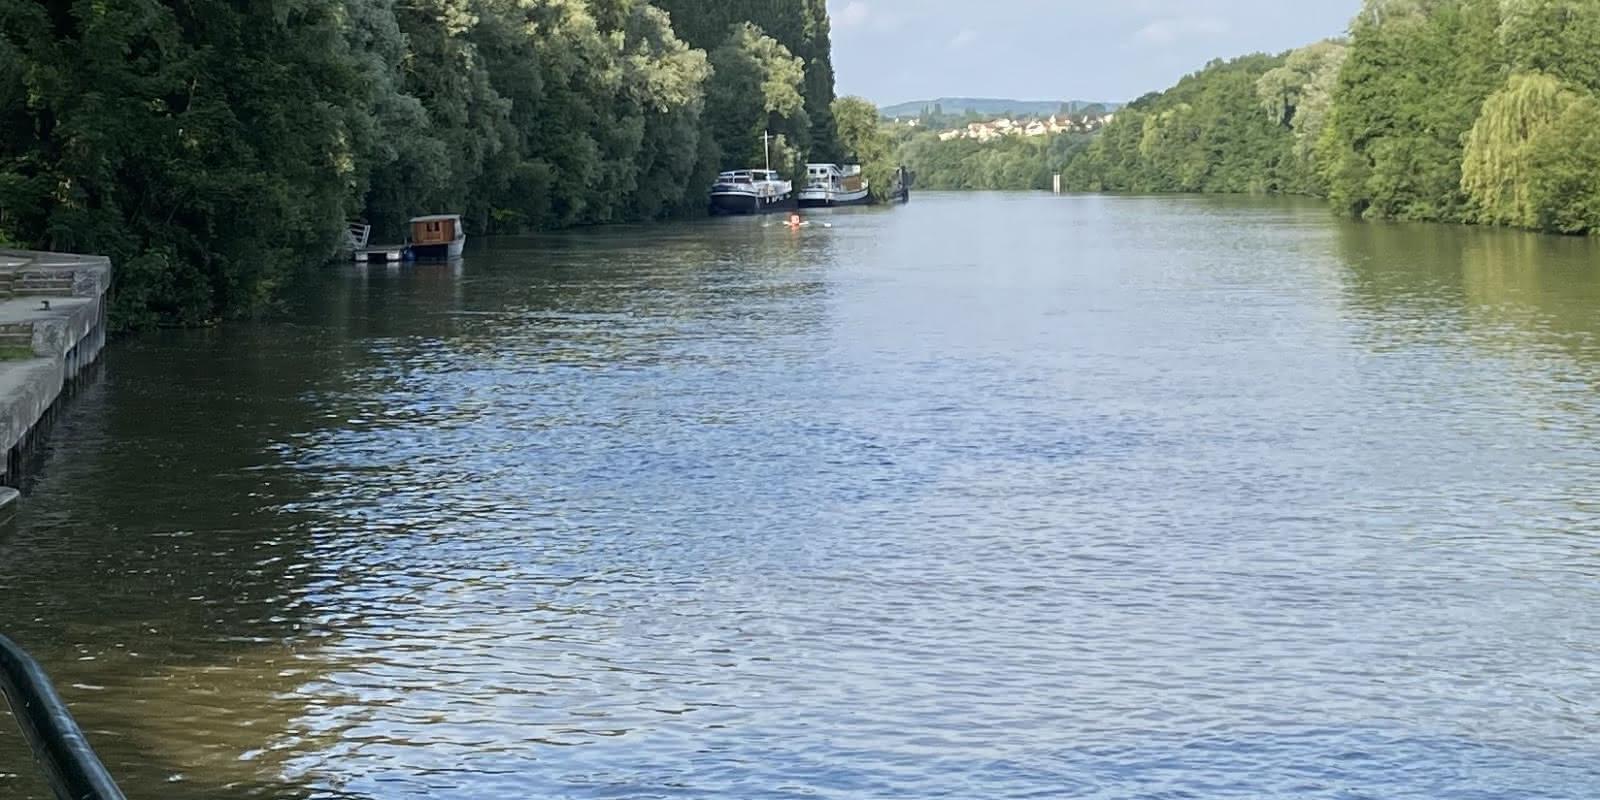 Bords de l'Oise, vue sous le pont d'Auvers